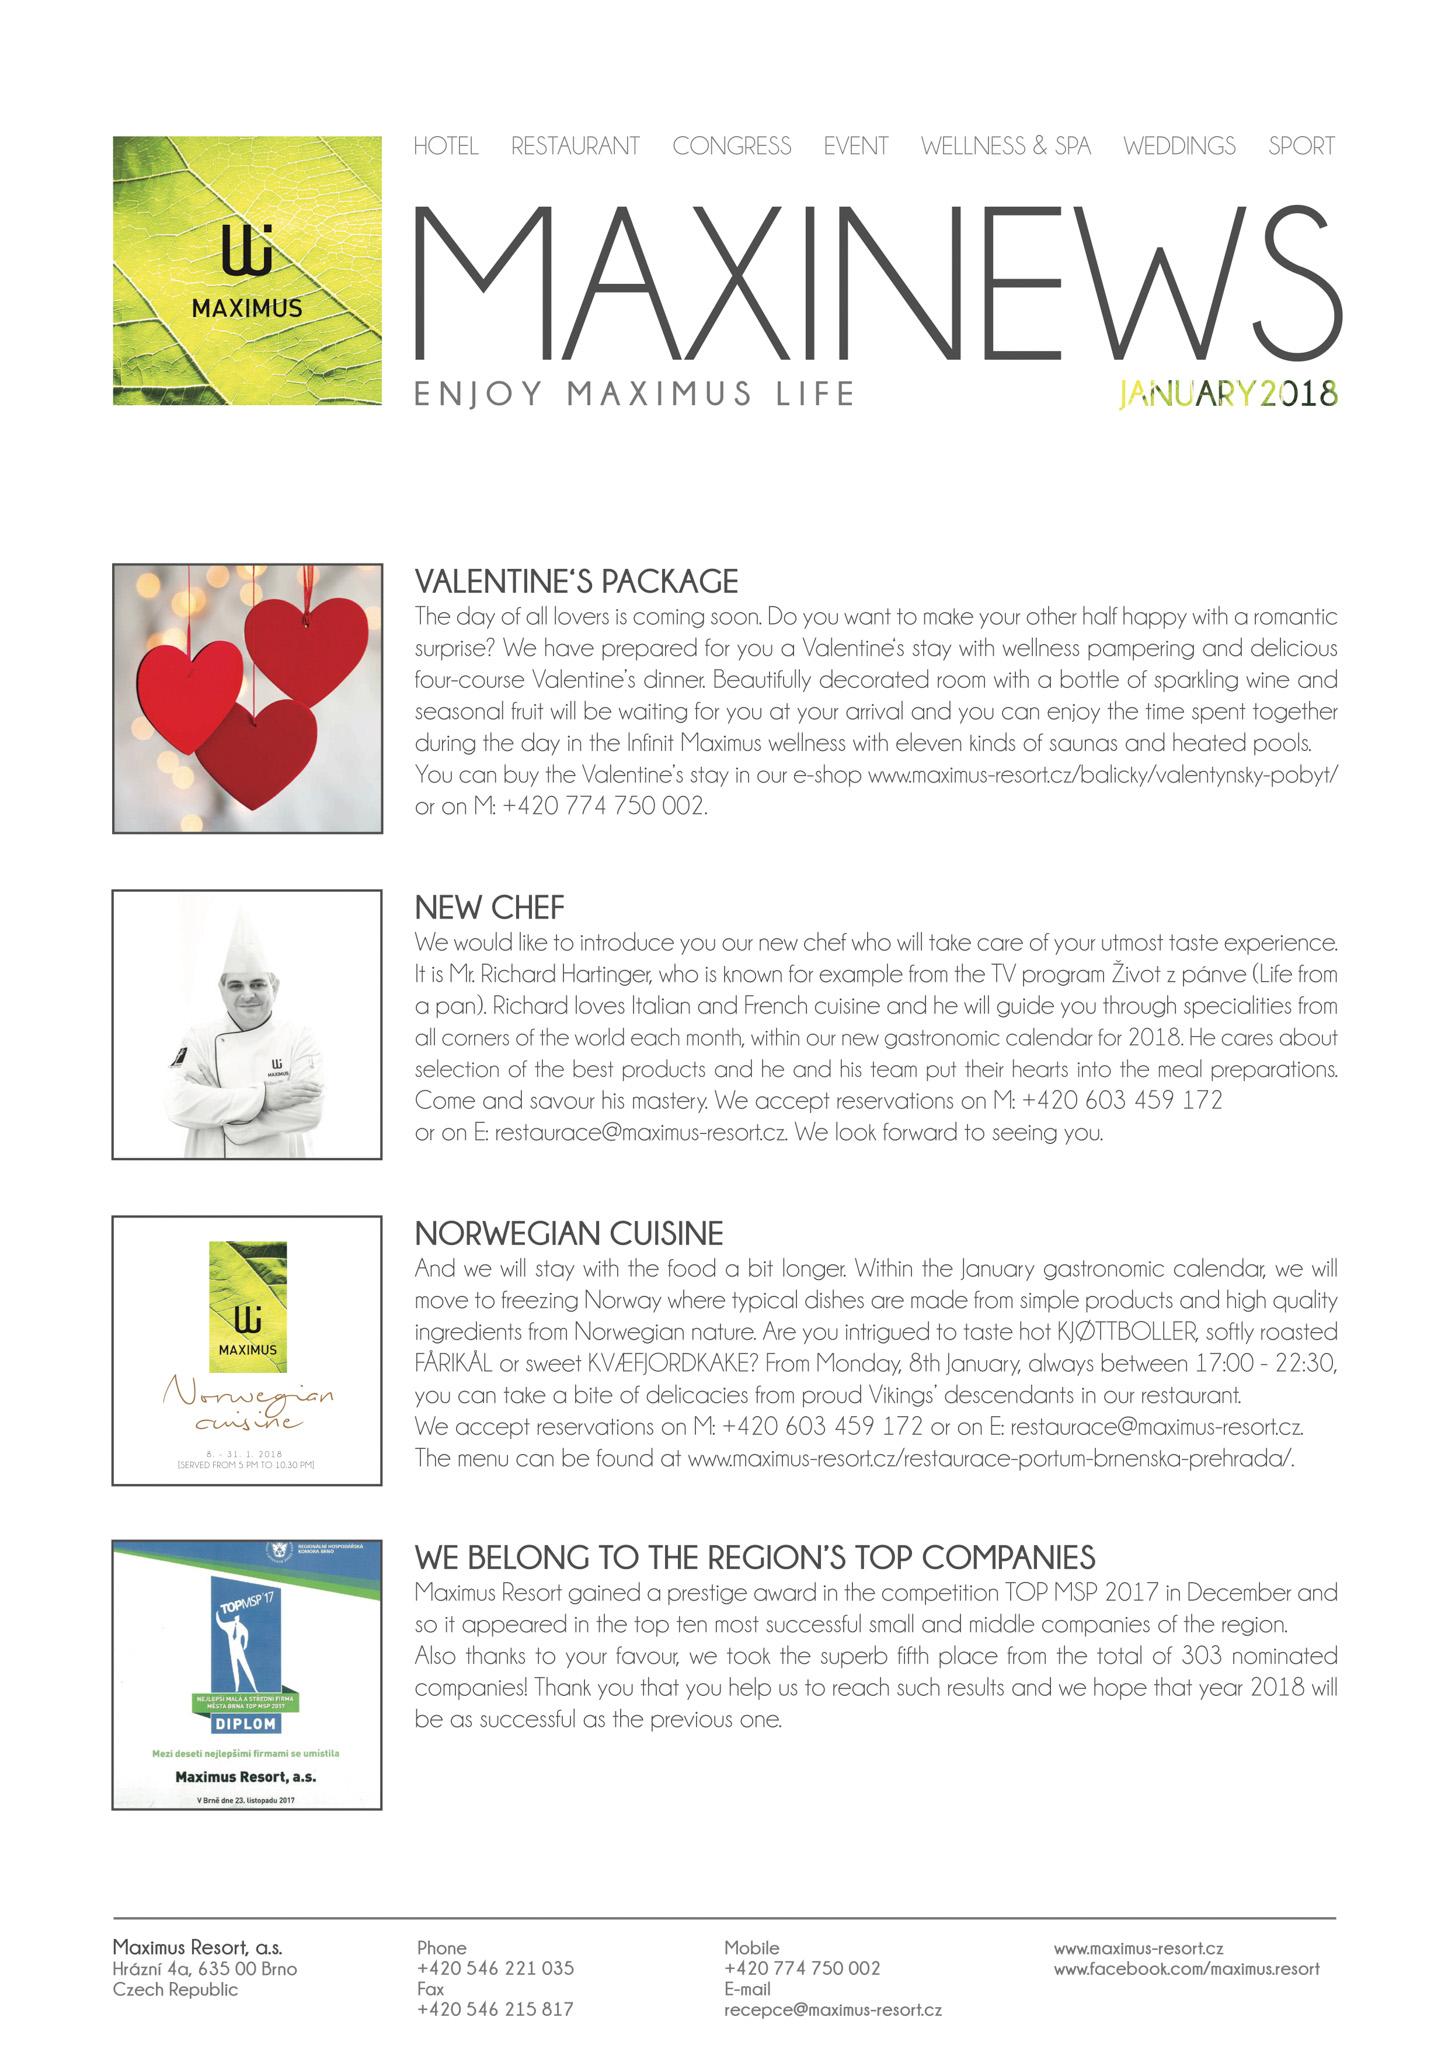 Maxinews_january